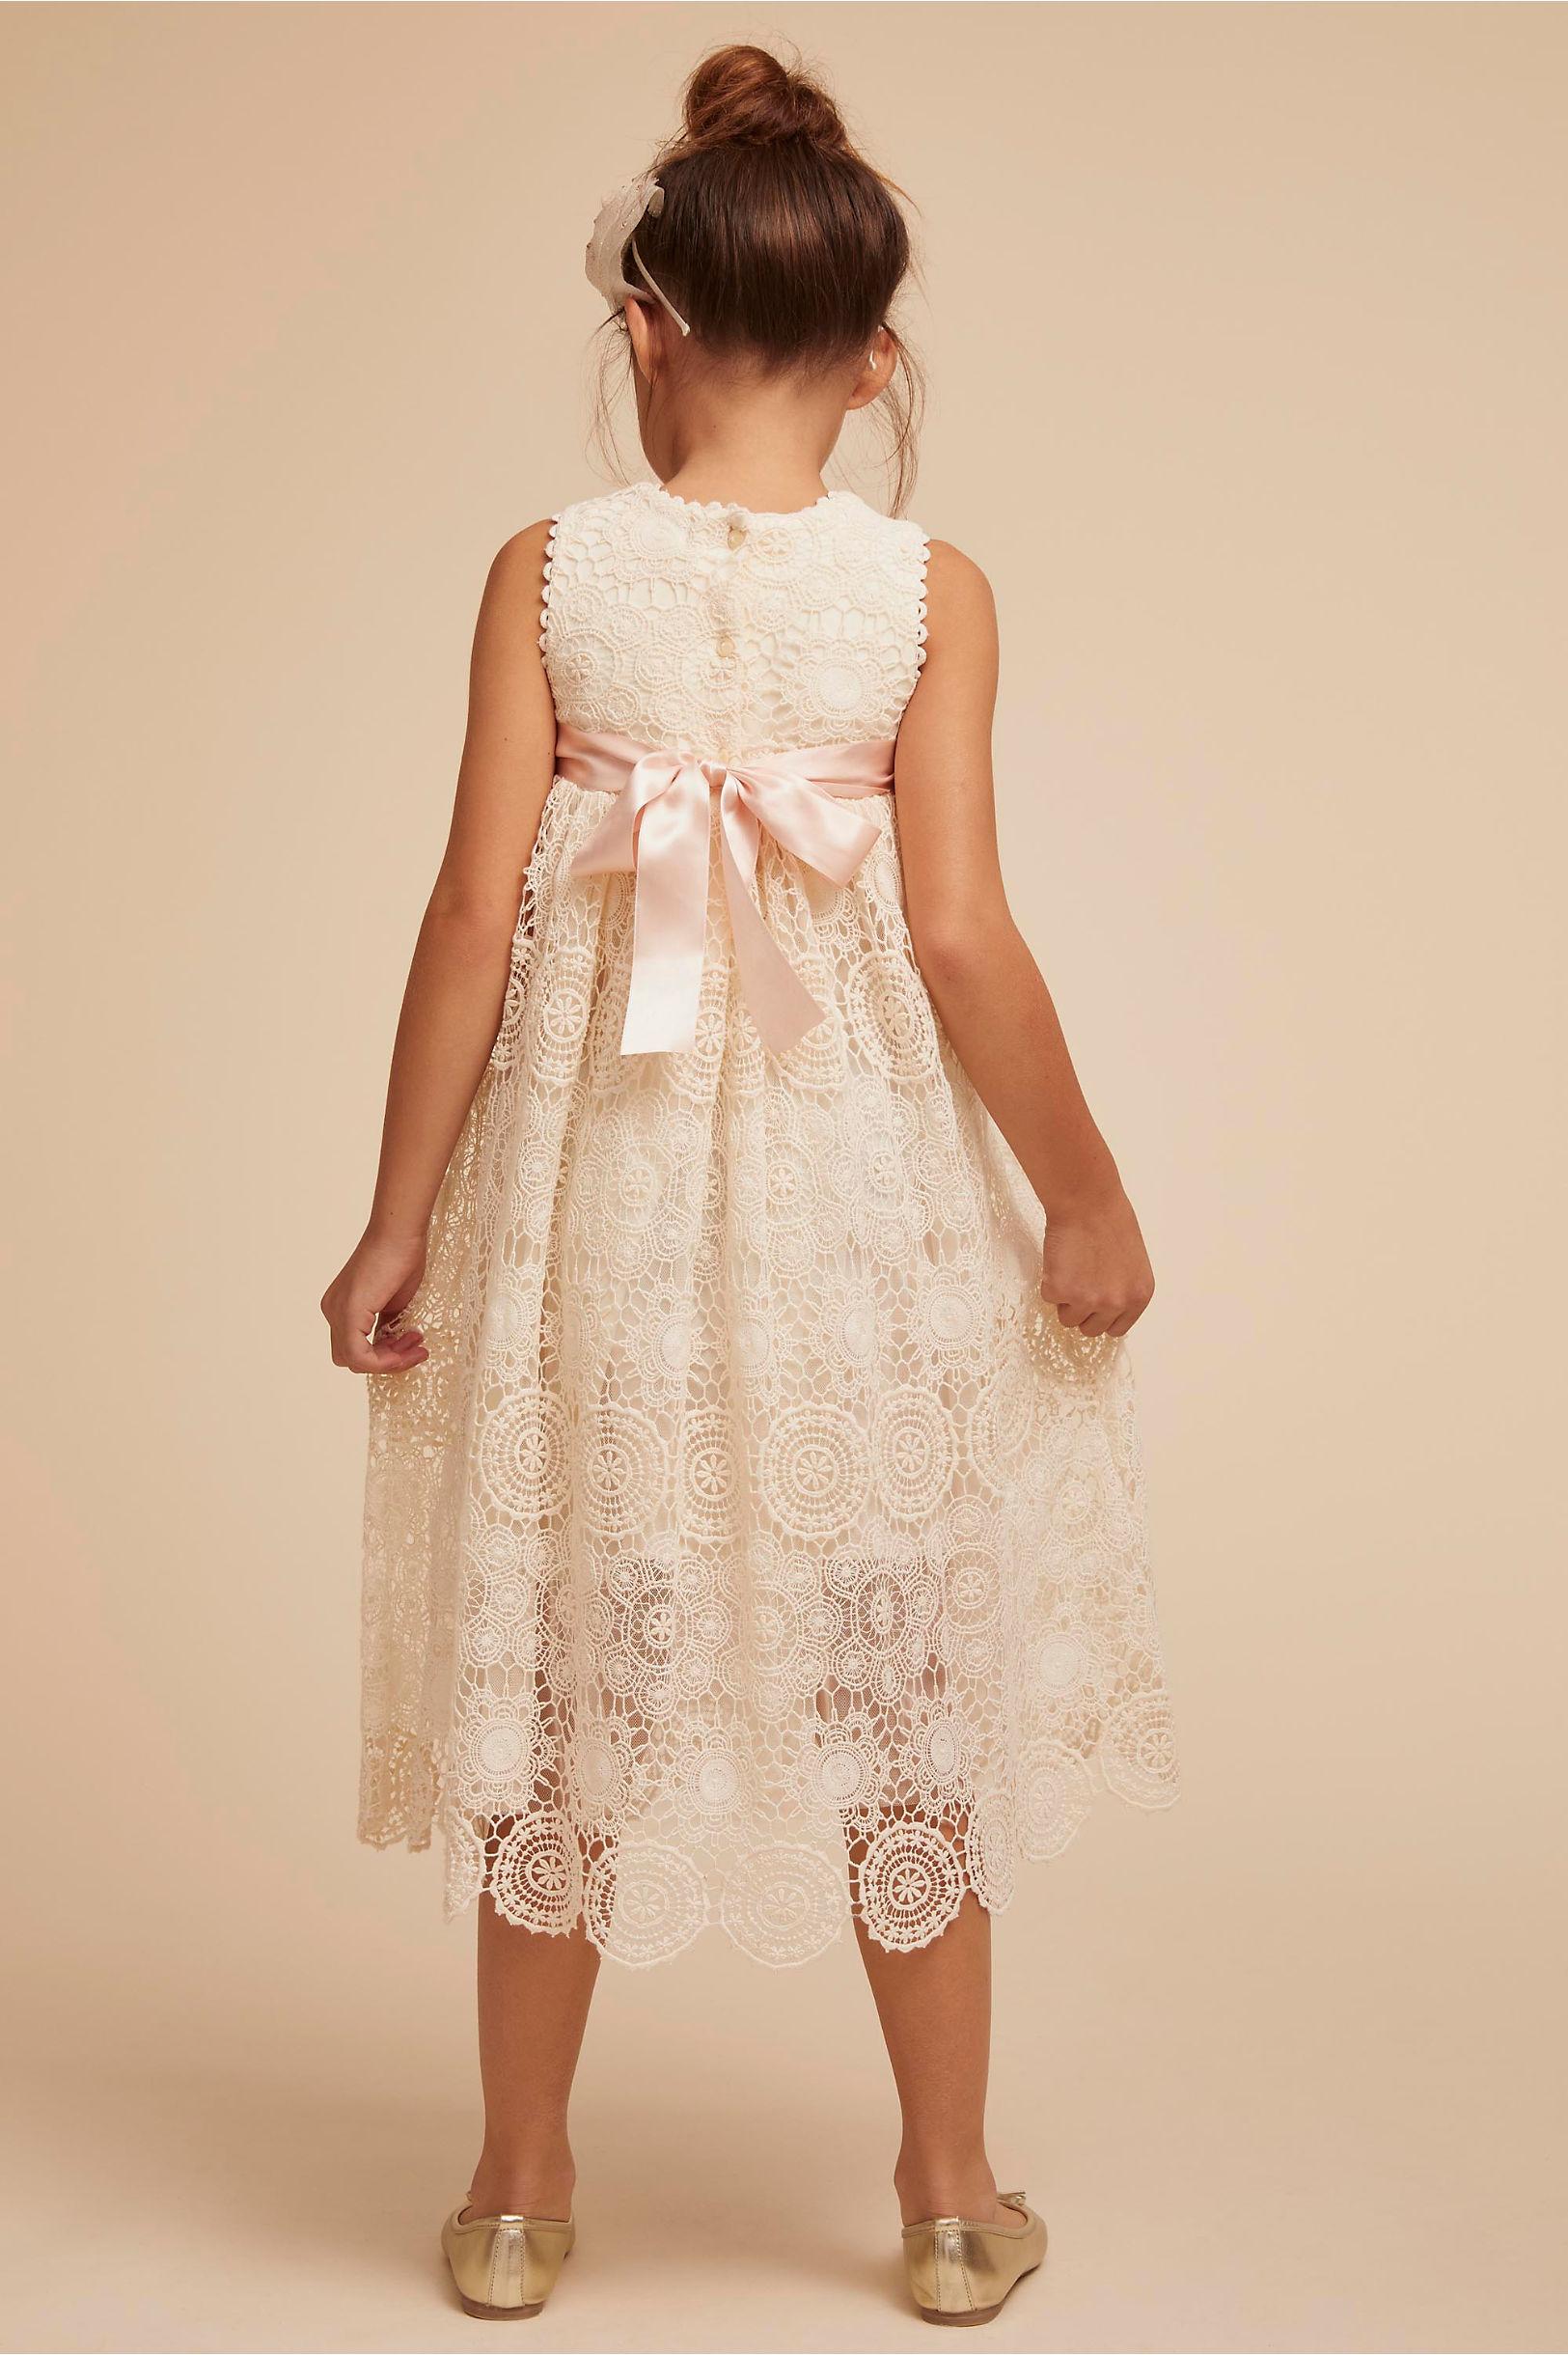 BHLDN Tia Flower Girl Dress with Bow